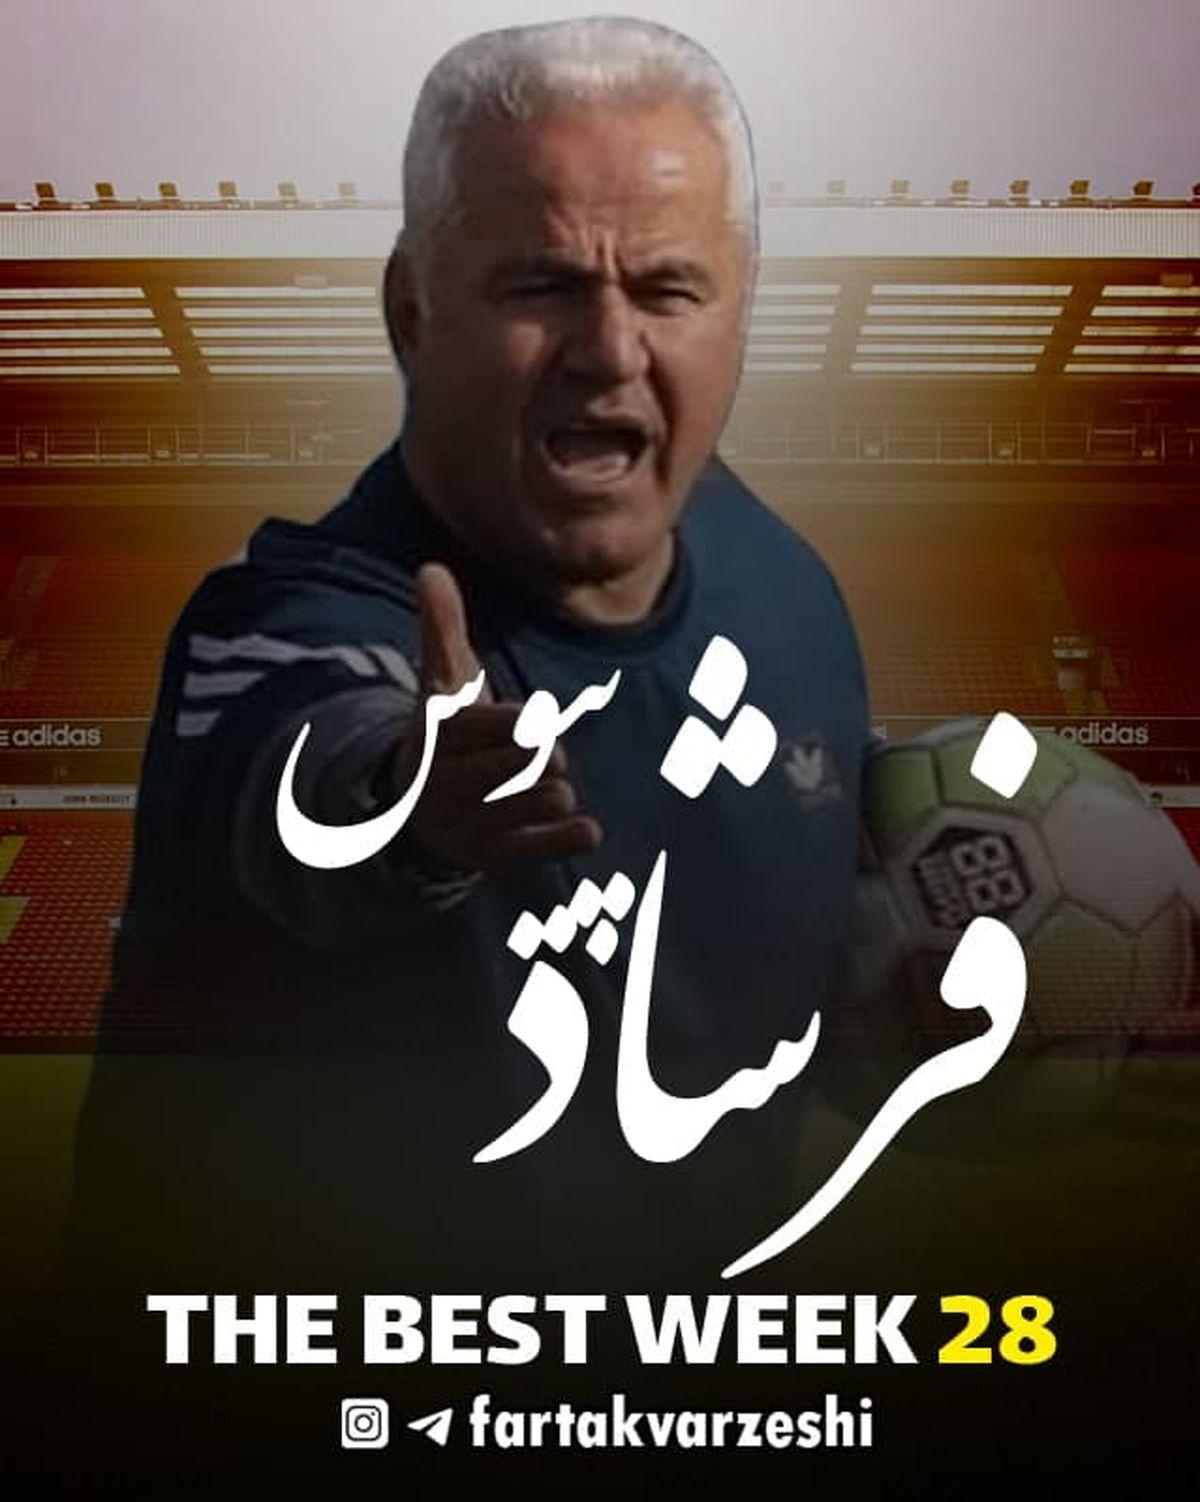 بهترین مربی هفته بیست و هشتم لیگ دسته یک مشخص شد+پوستر